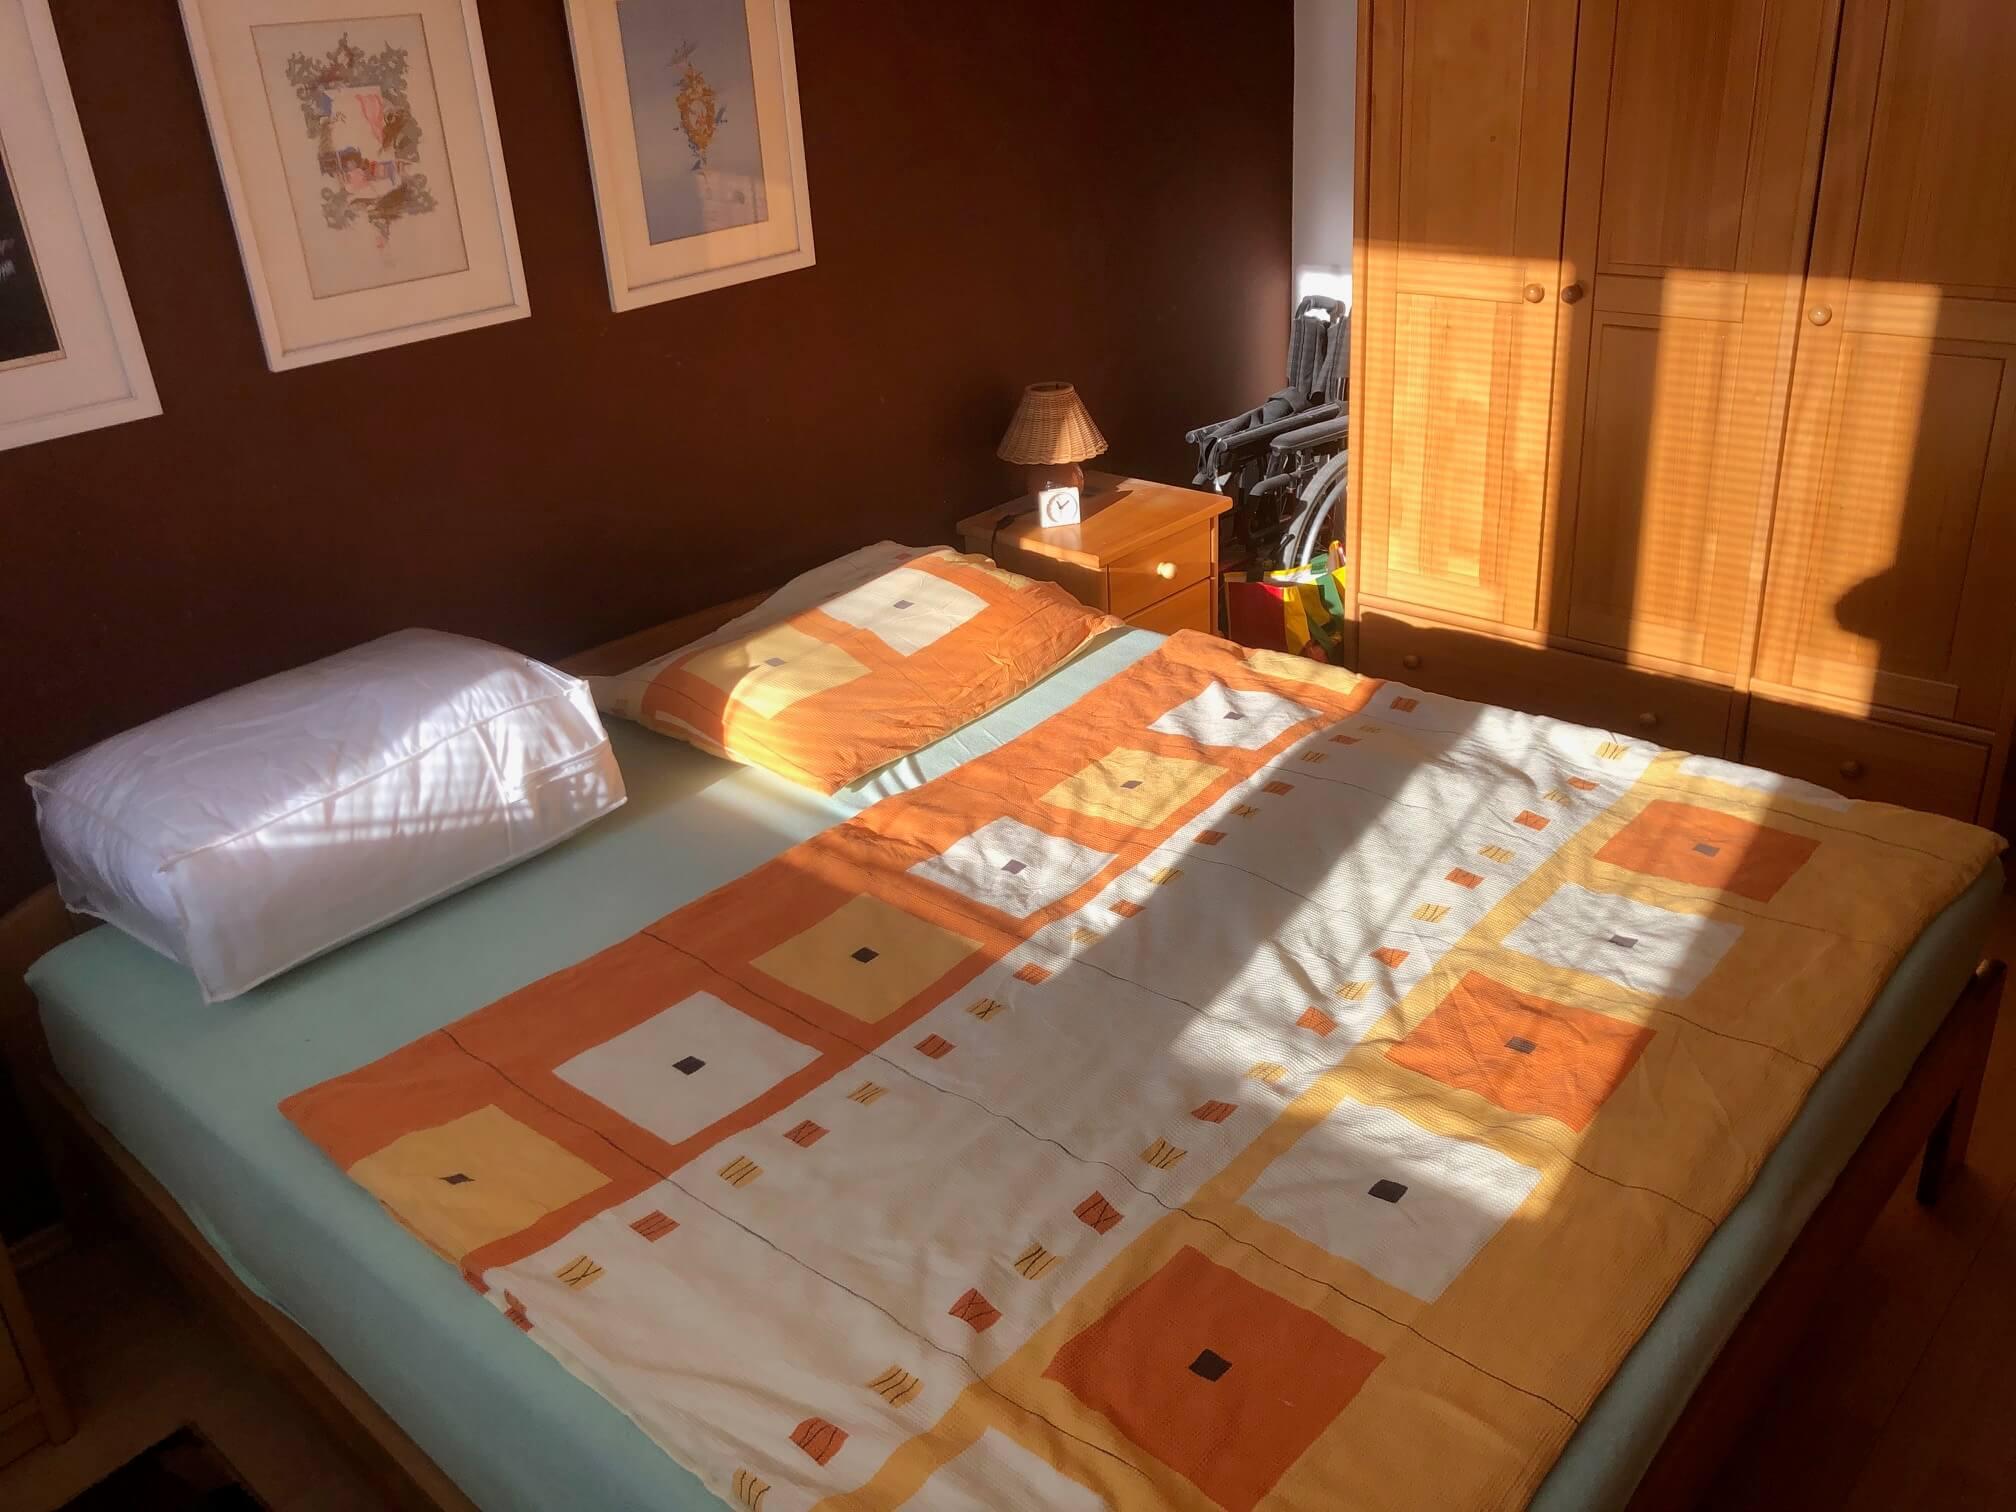 Predané: Exkluzívne na predaj 3 izbový byt, Devínska Nová Ves, Jána Poničana 3, 65m2, balkon 4m2,klimatizácia-26